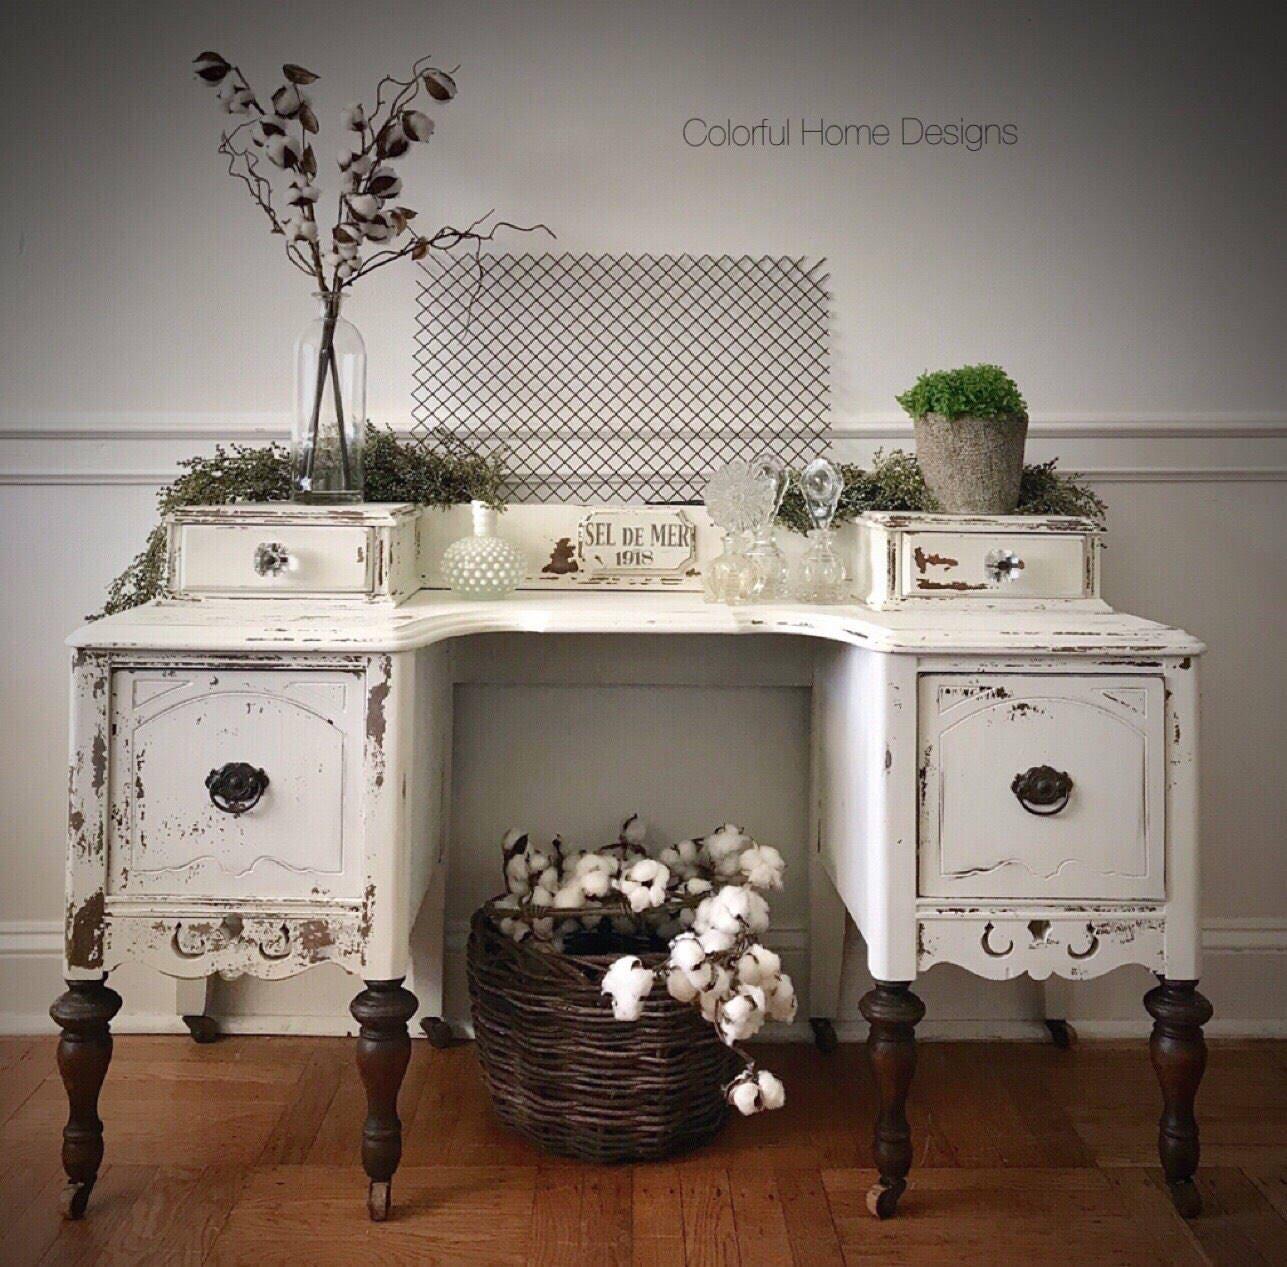 SOLD Antique Vanity, Vintage Vanity, Painted Vanity, Shabby Chic vanity,  Farmhouse Vanity, Pick Up Only - SOLD Antique Vanity, Vintage Vanity, Painted Vanity, Shabby Chic